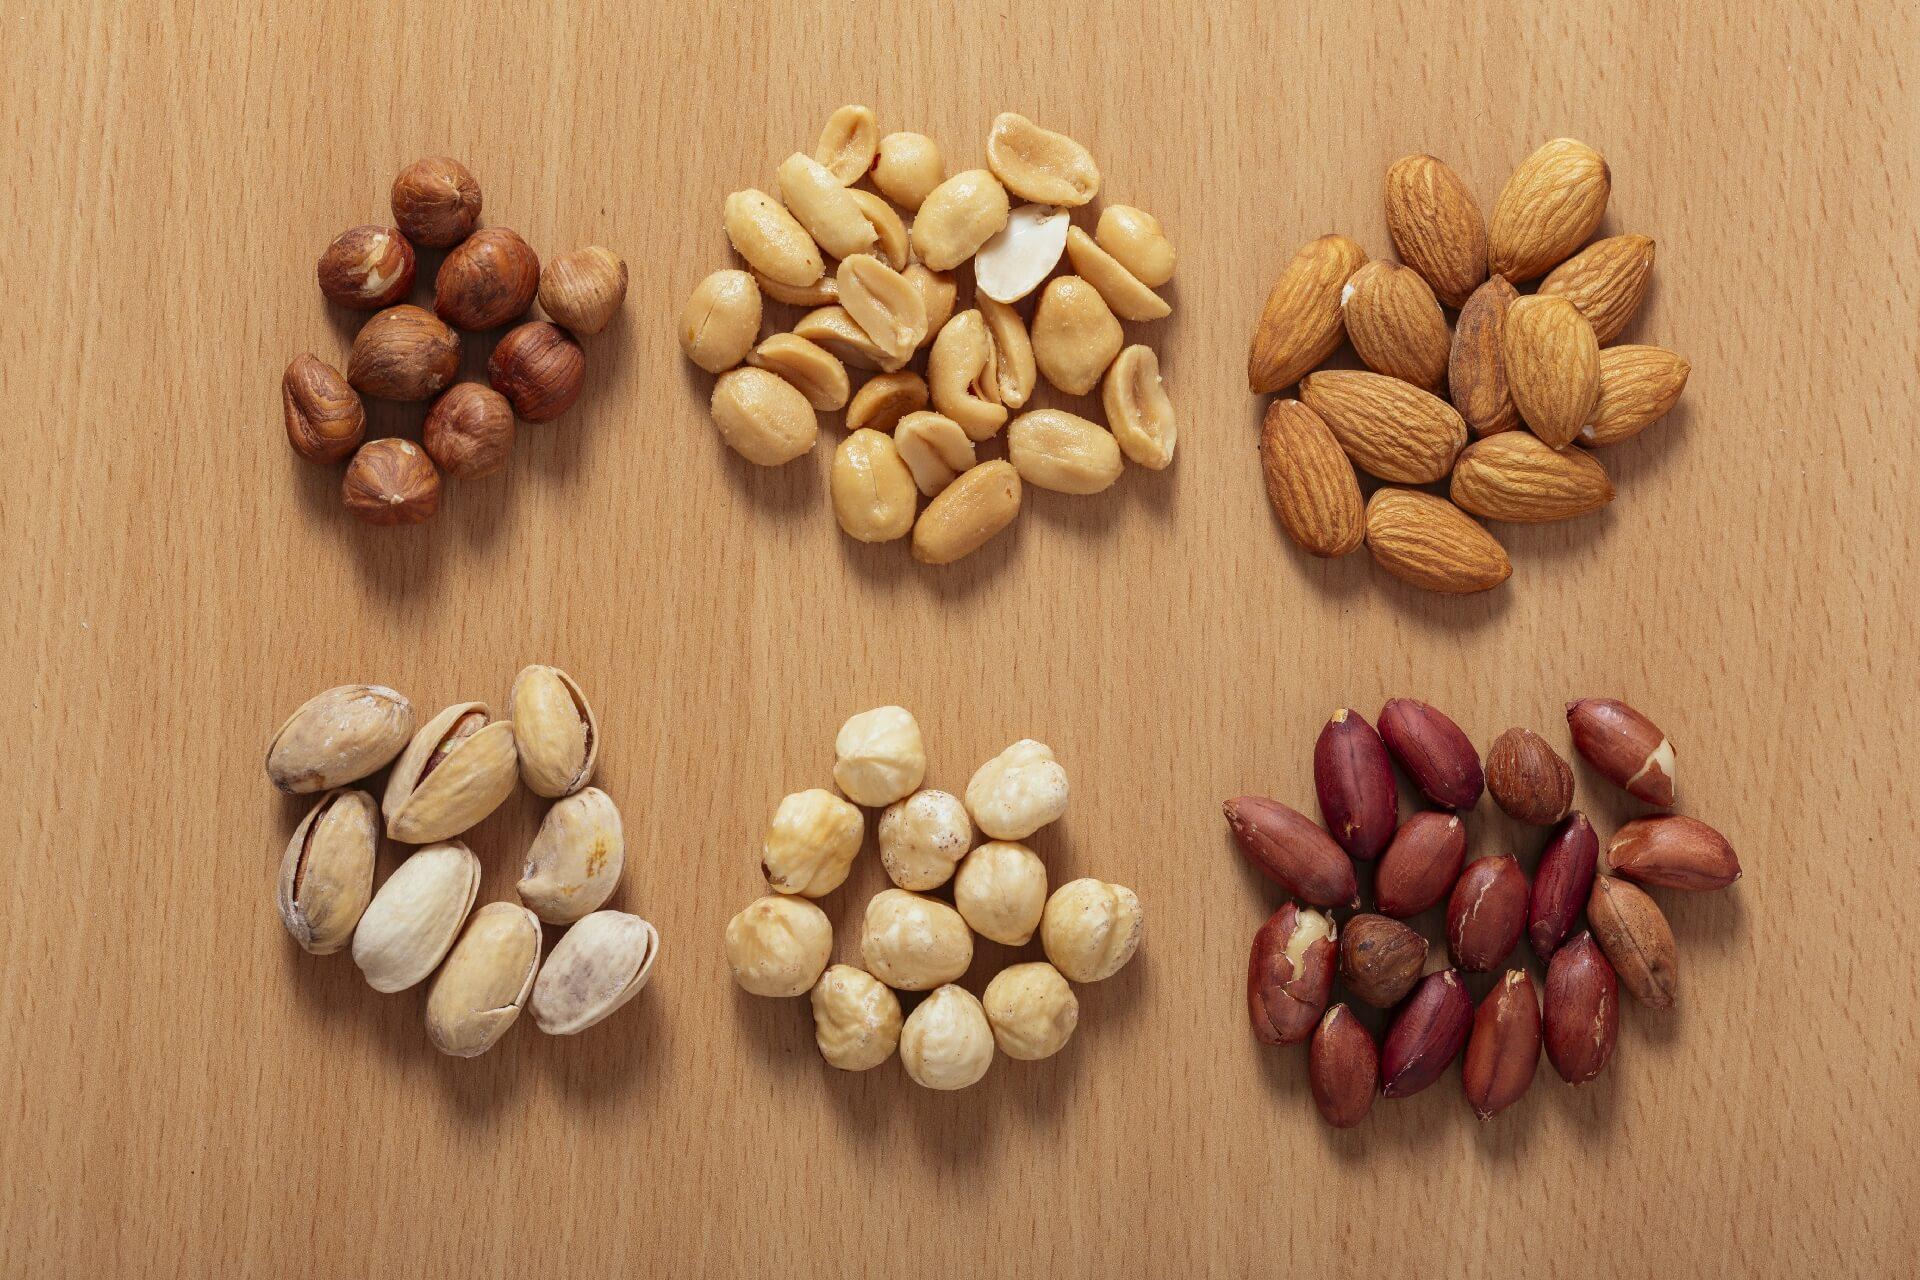 ピーナッツとアーモンドの違いは?健康(栄養面)に注目してみたところ…。